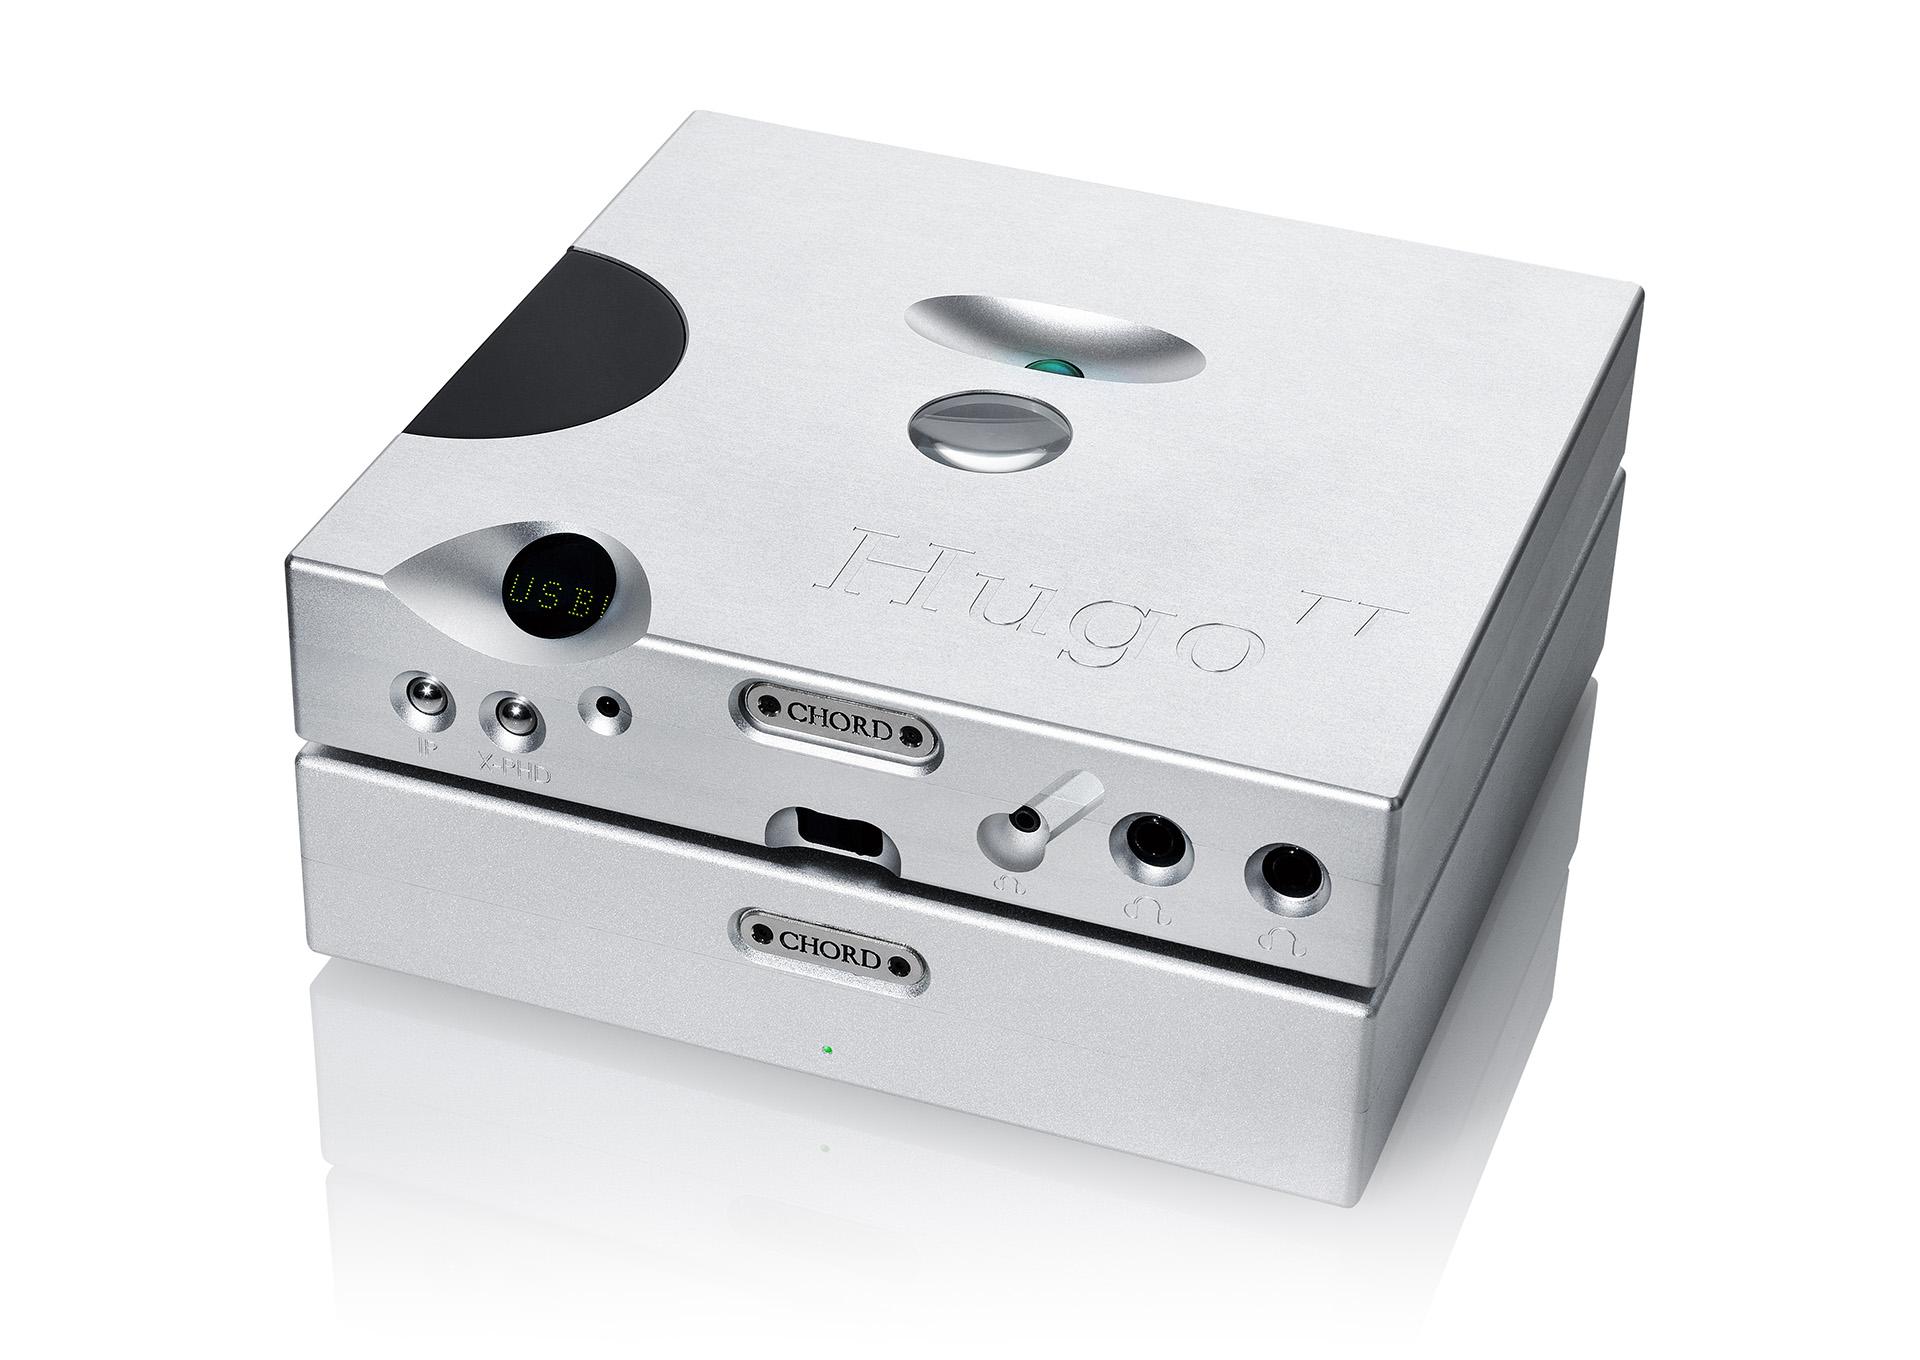 Chord TToby en Hugo - X-Fi